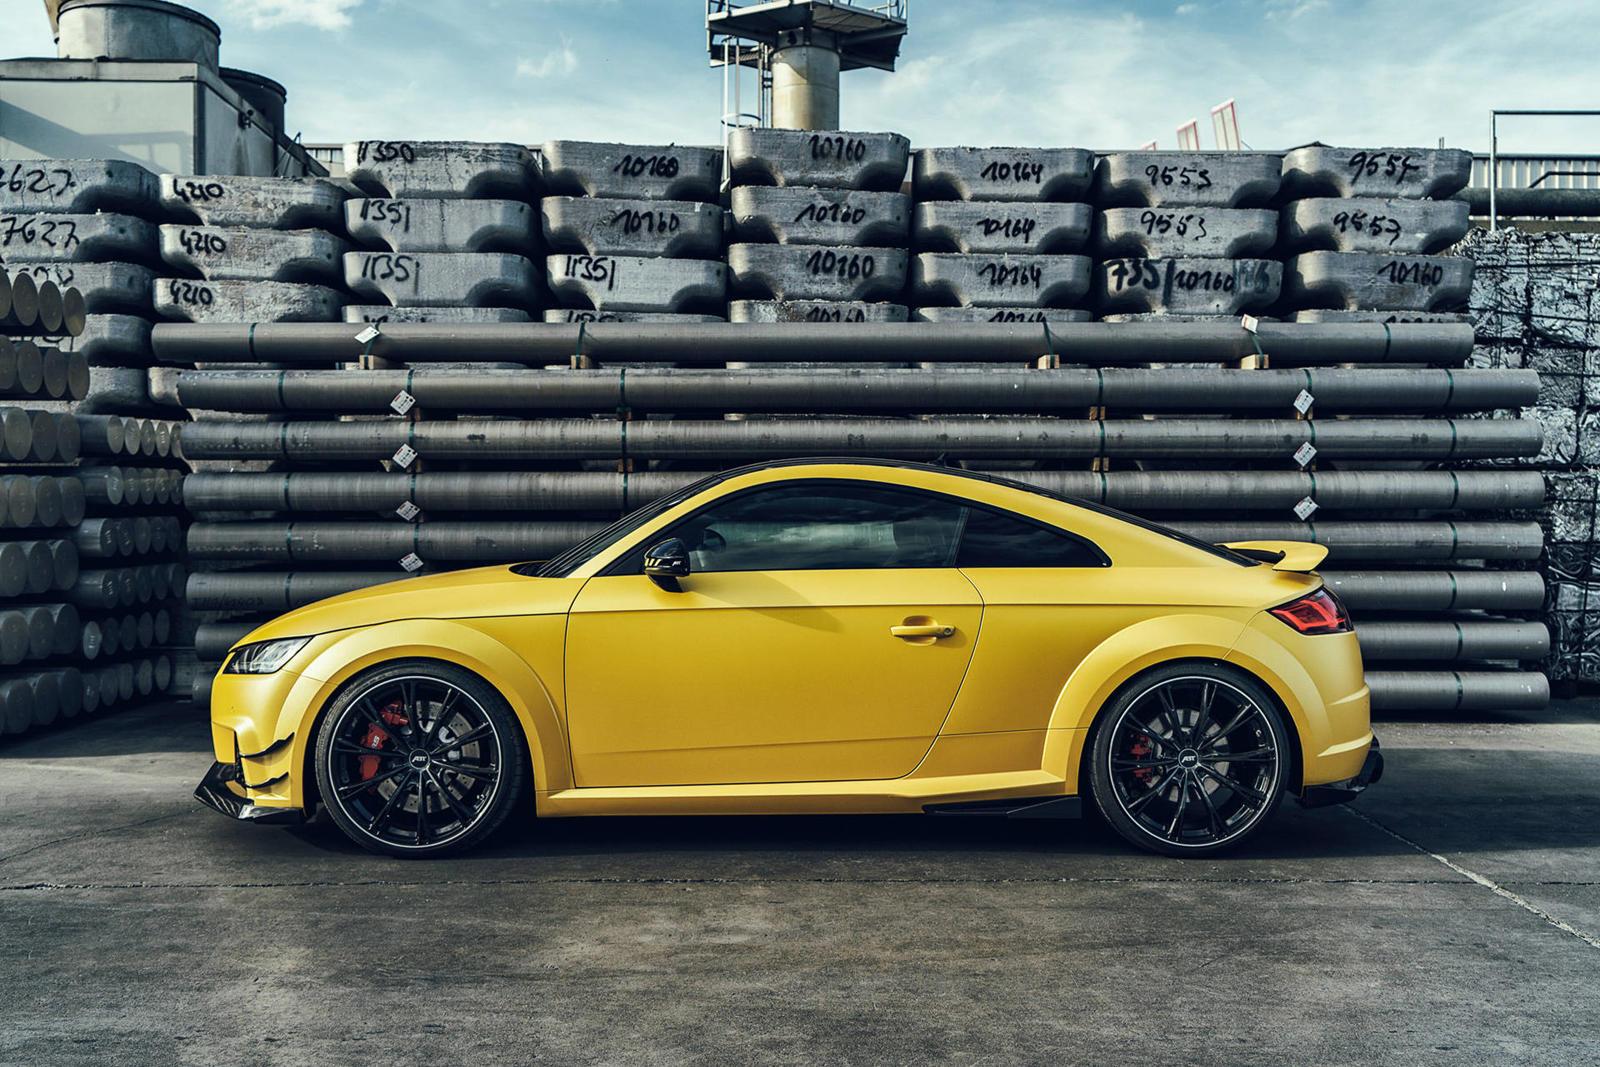 Kelebihan Kekurangan Audi Tt Rs Review